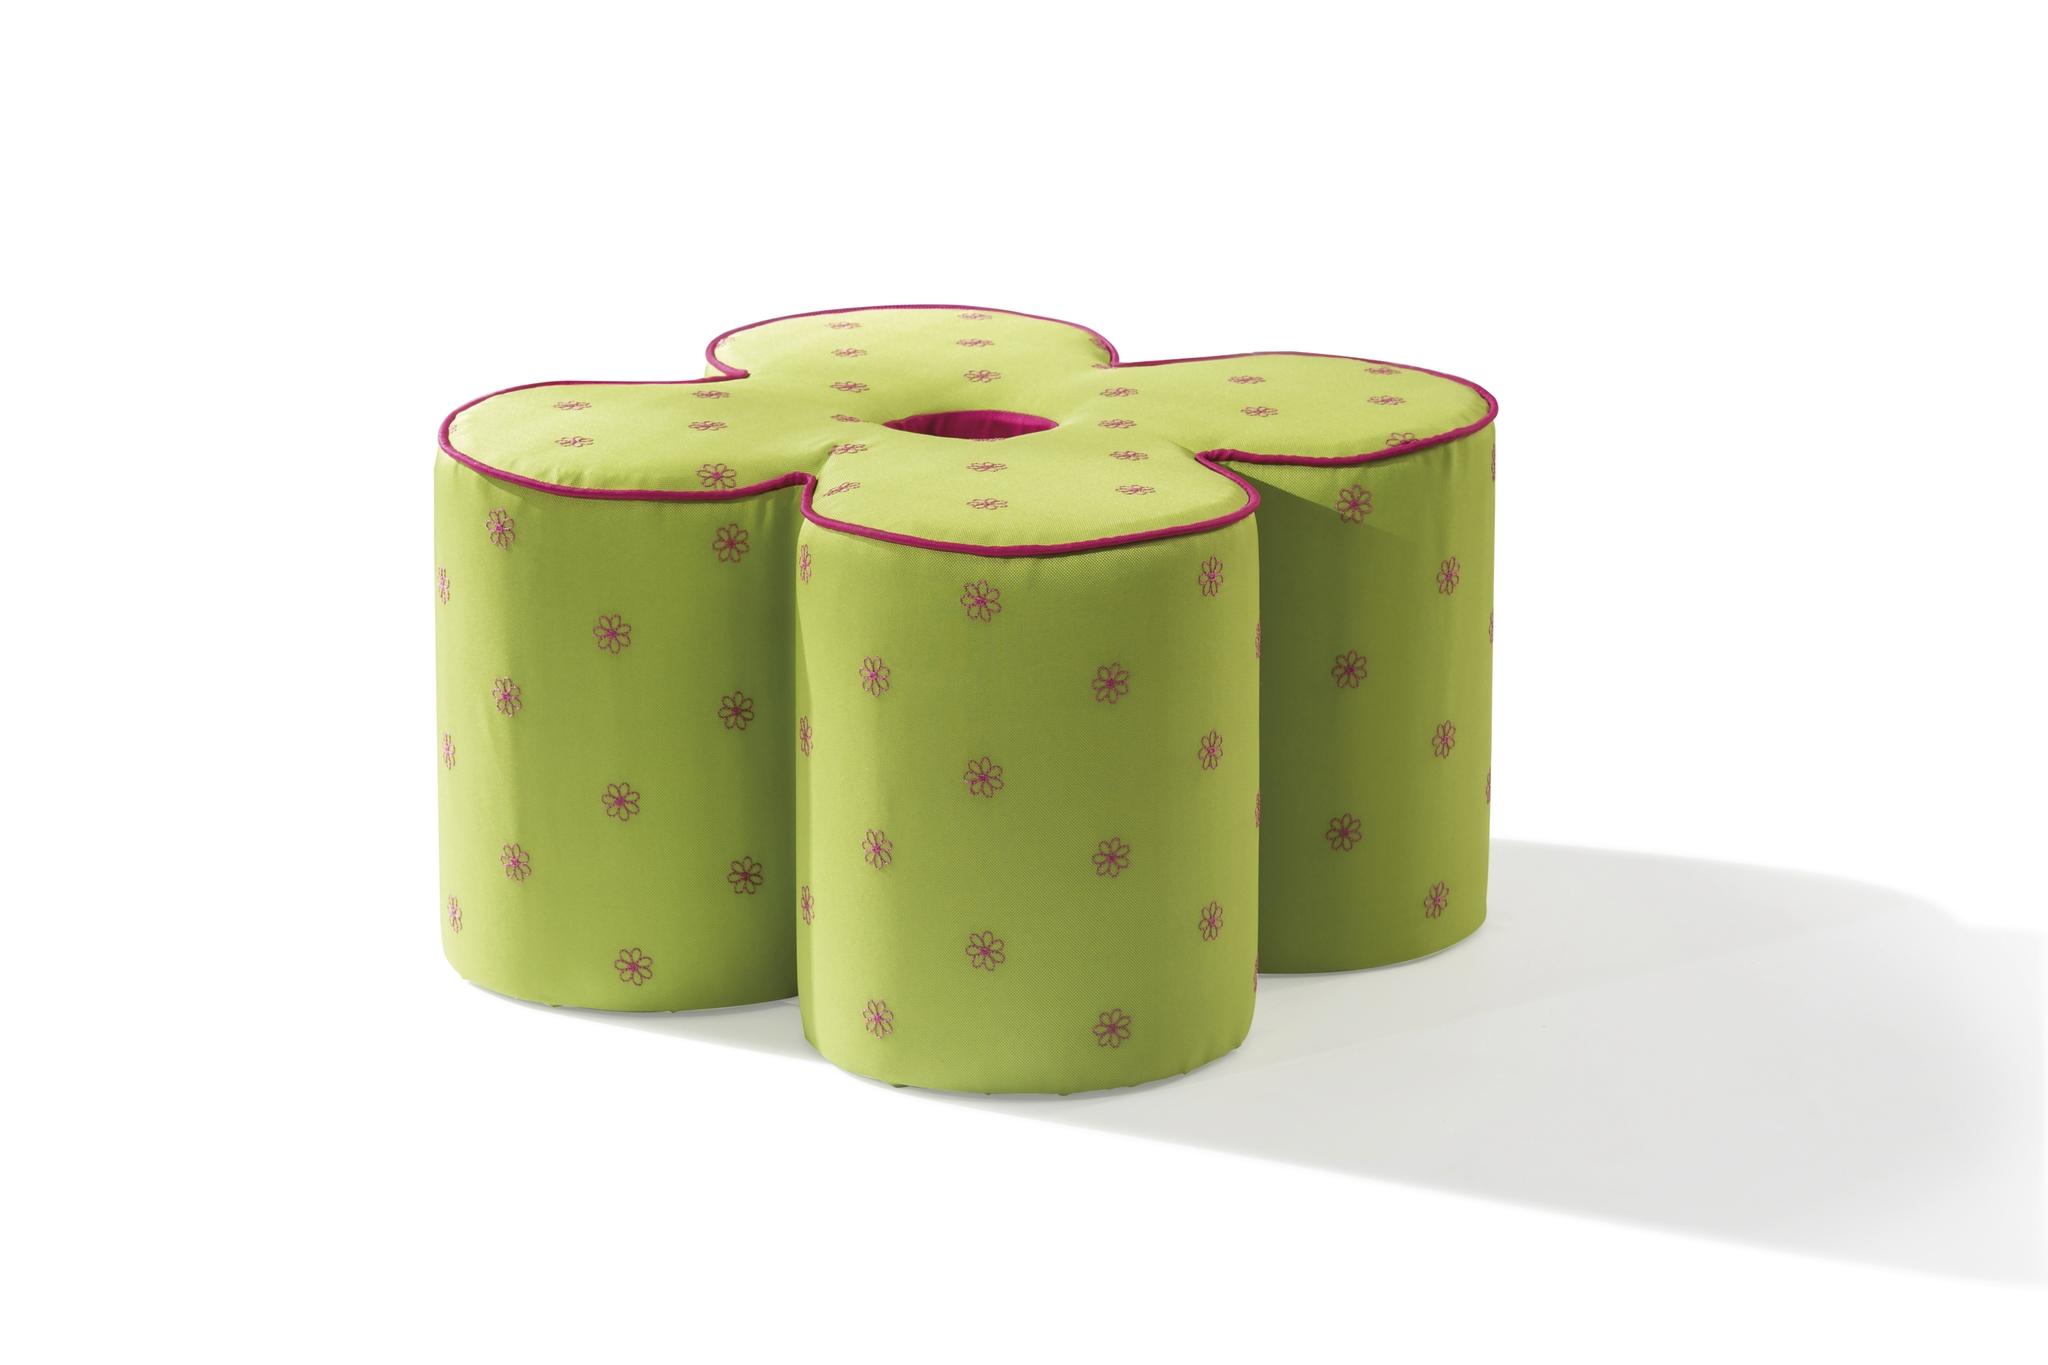 Taburet pentru copii, tapitat cu stofa Daisy Green, l50xA50xH30 cm